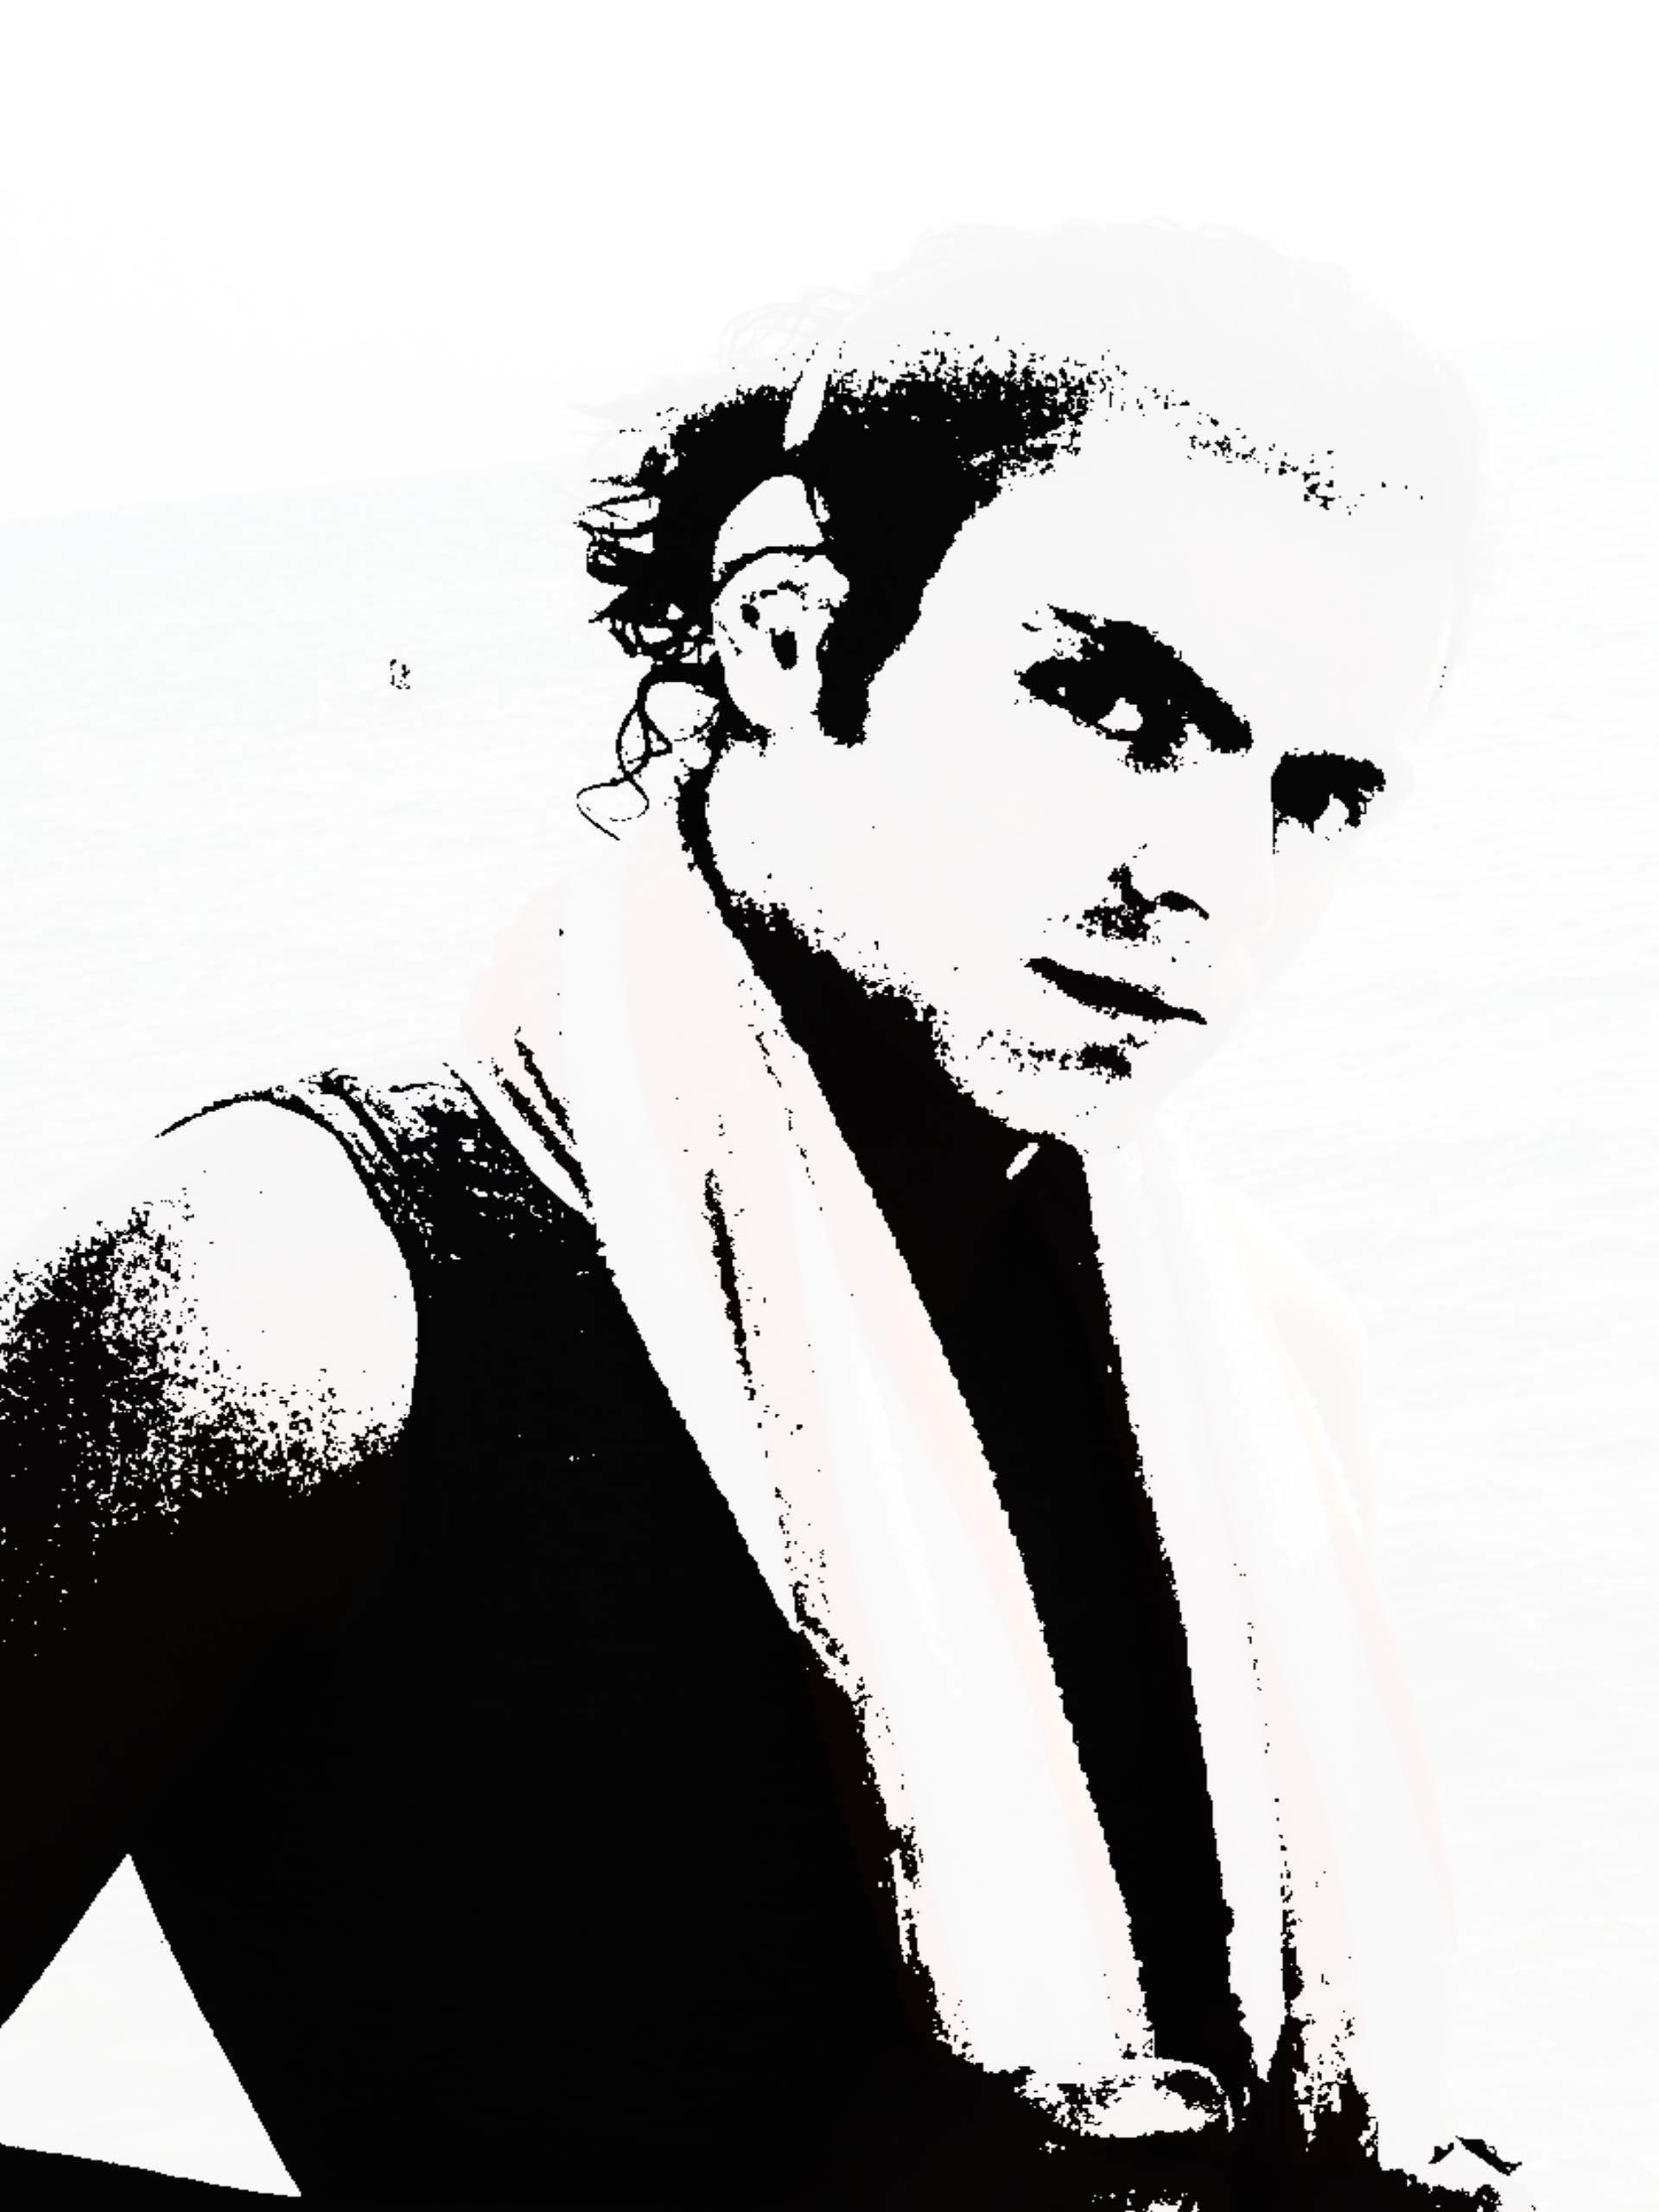 Mahmoud-aoka